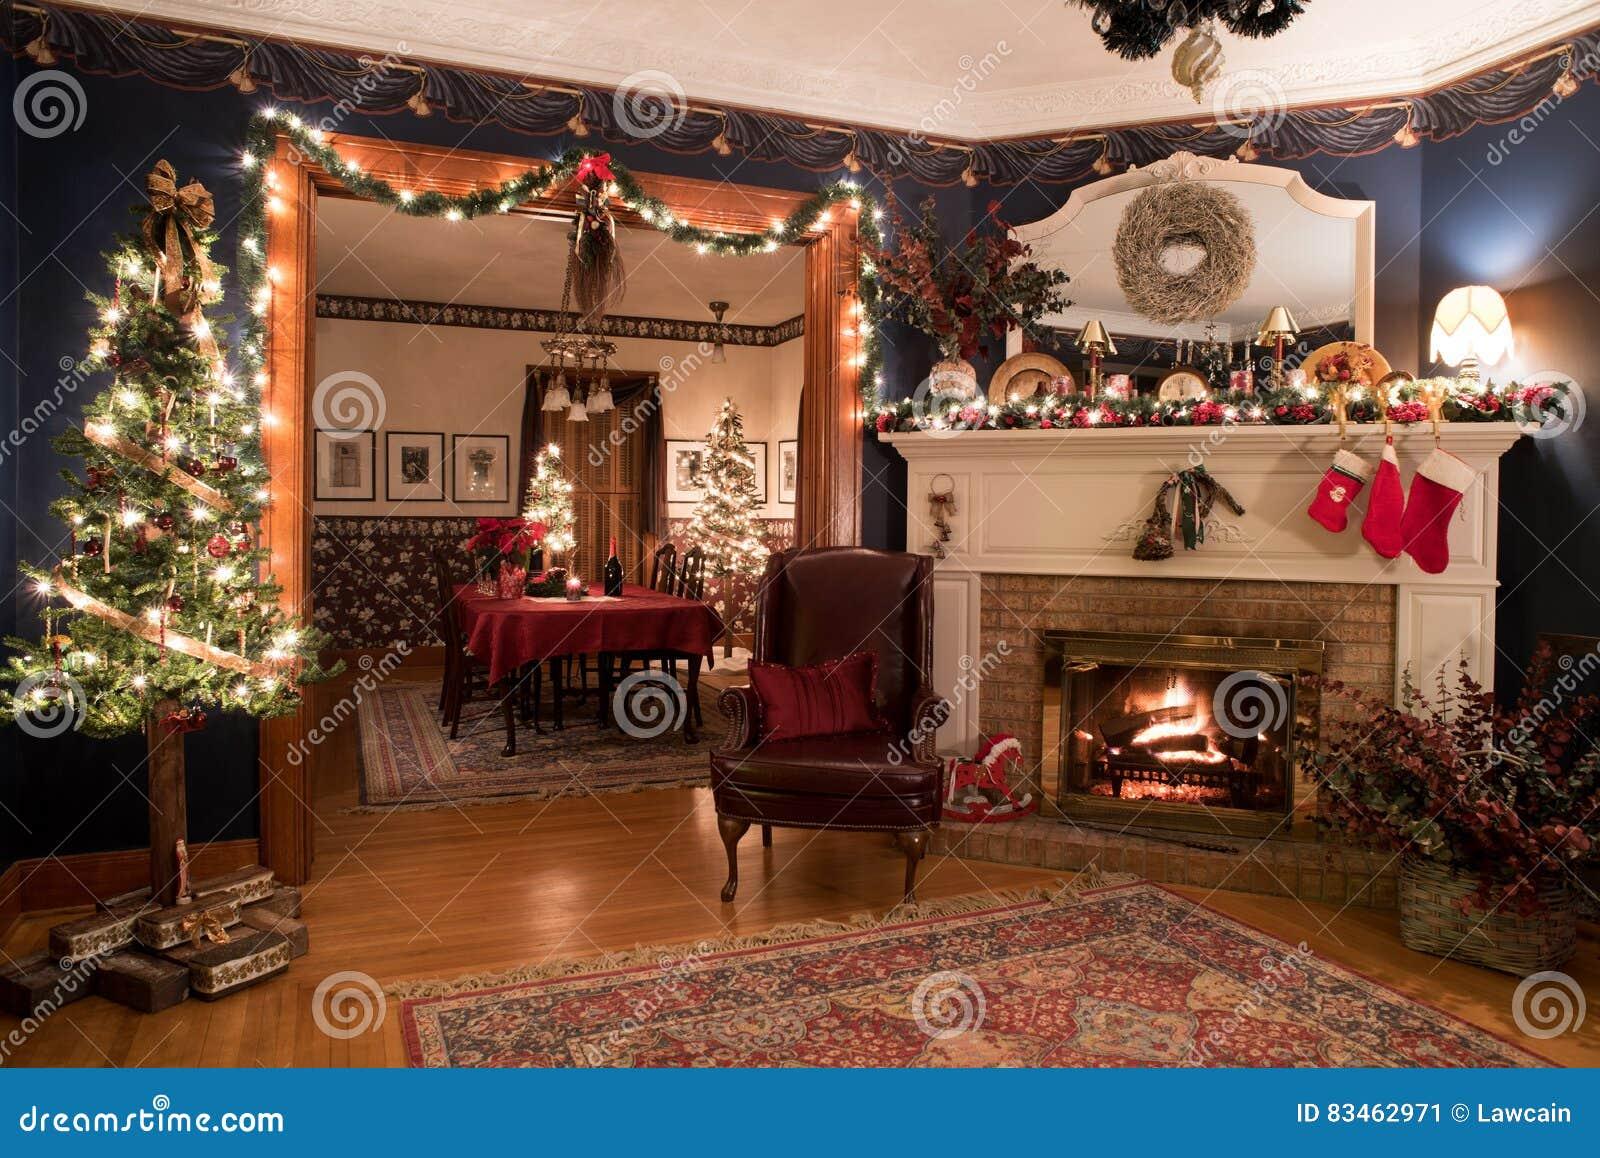 Immagini Natale Vittoriano.Natale Vittoriano Interno Immagine Stock Immagine Di Hardwood